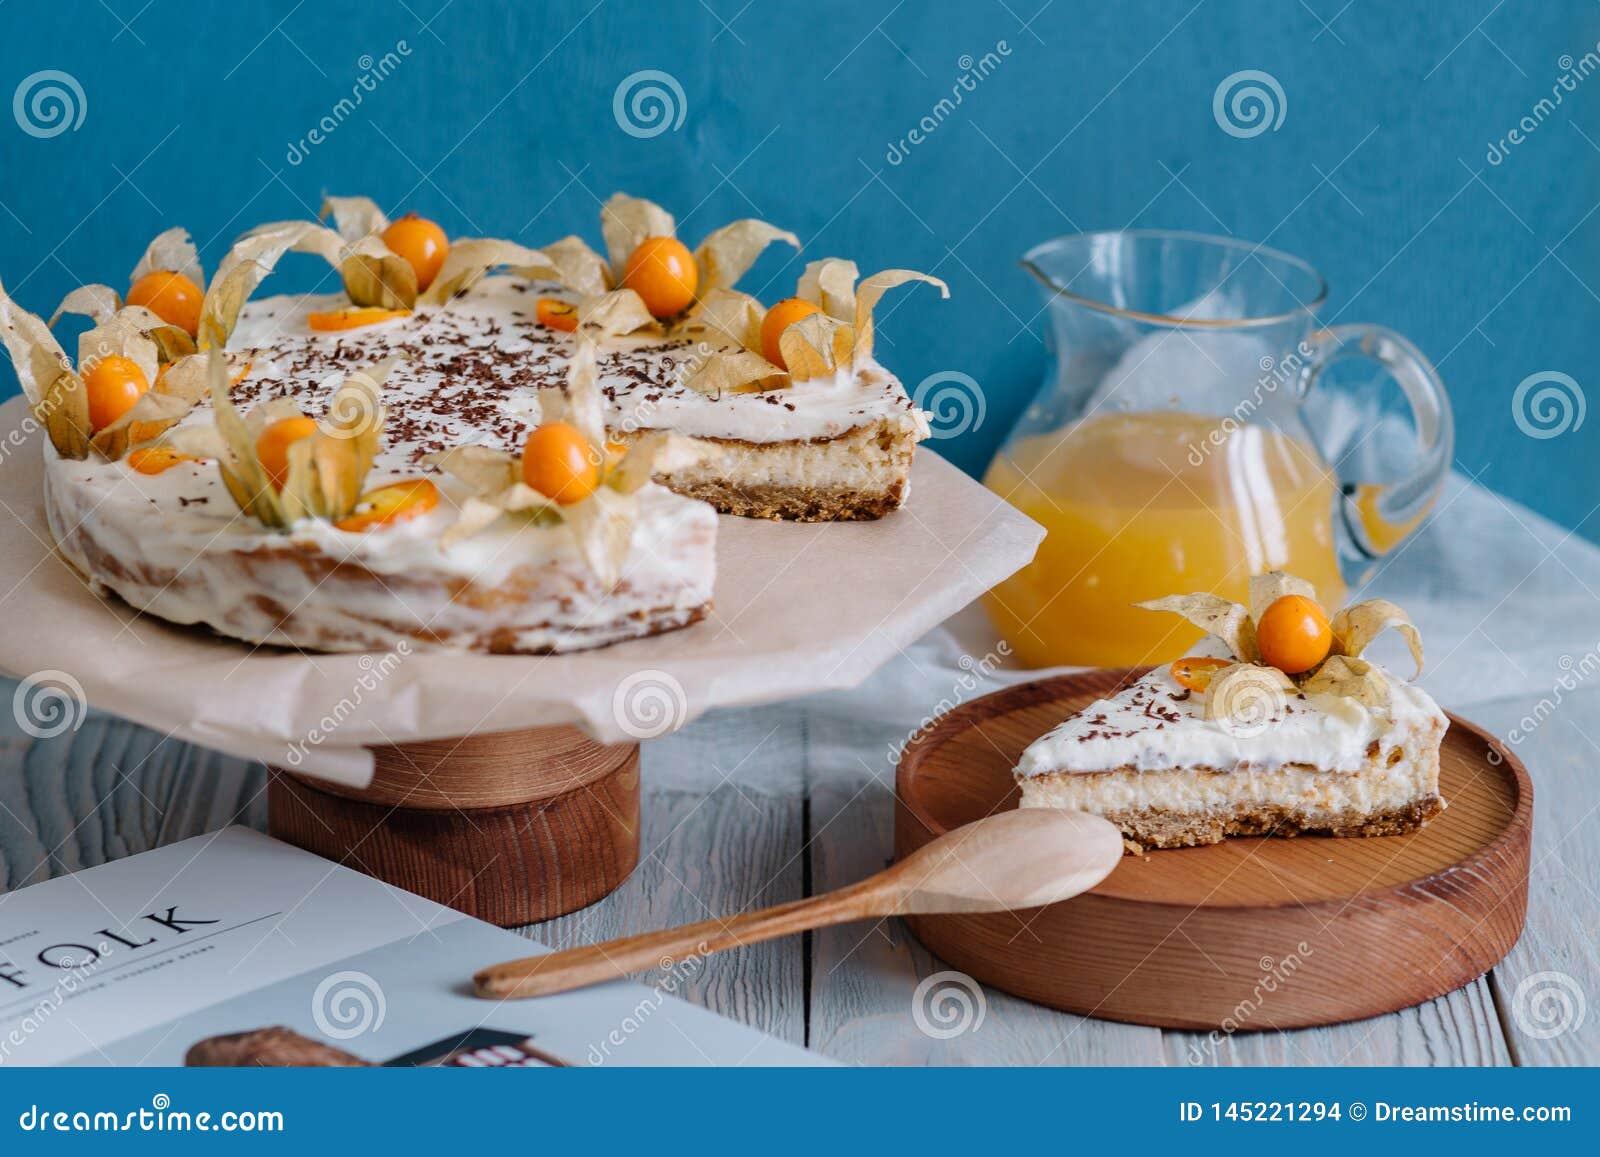 Kuchen mit Beeren auf einem hölzernen Stand im Stillleben